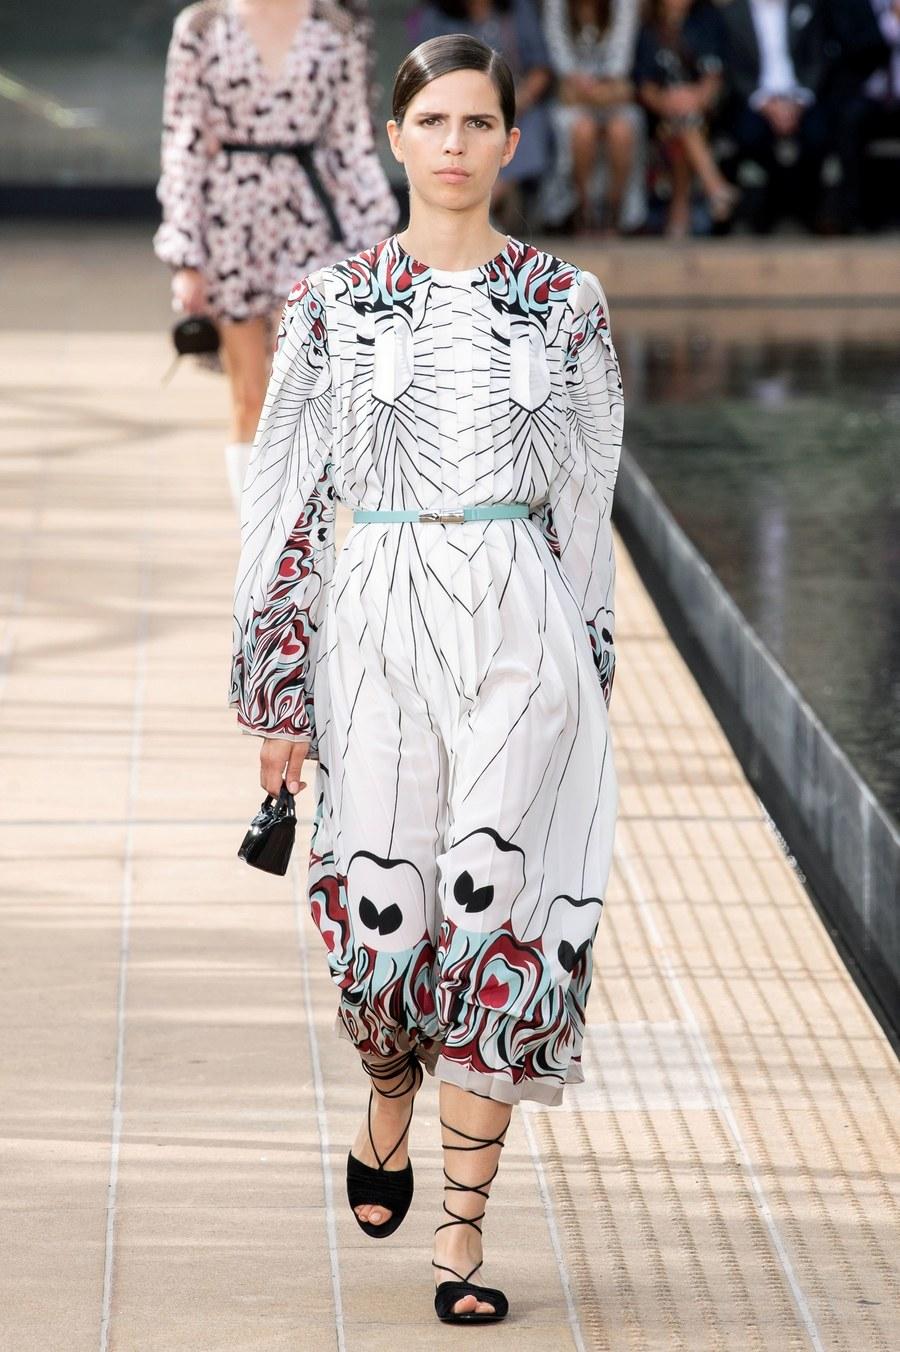 عرض أزياء Longchamp  بأسبوع الموضة بنيويورك (14)